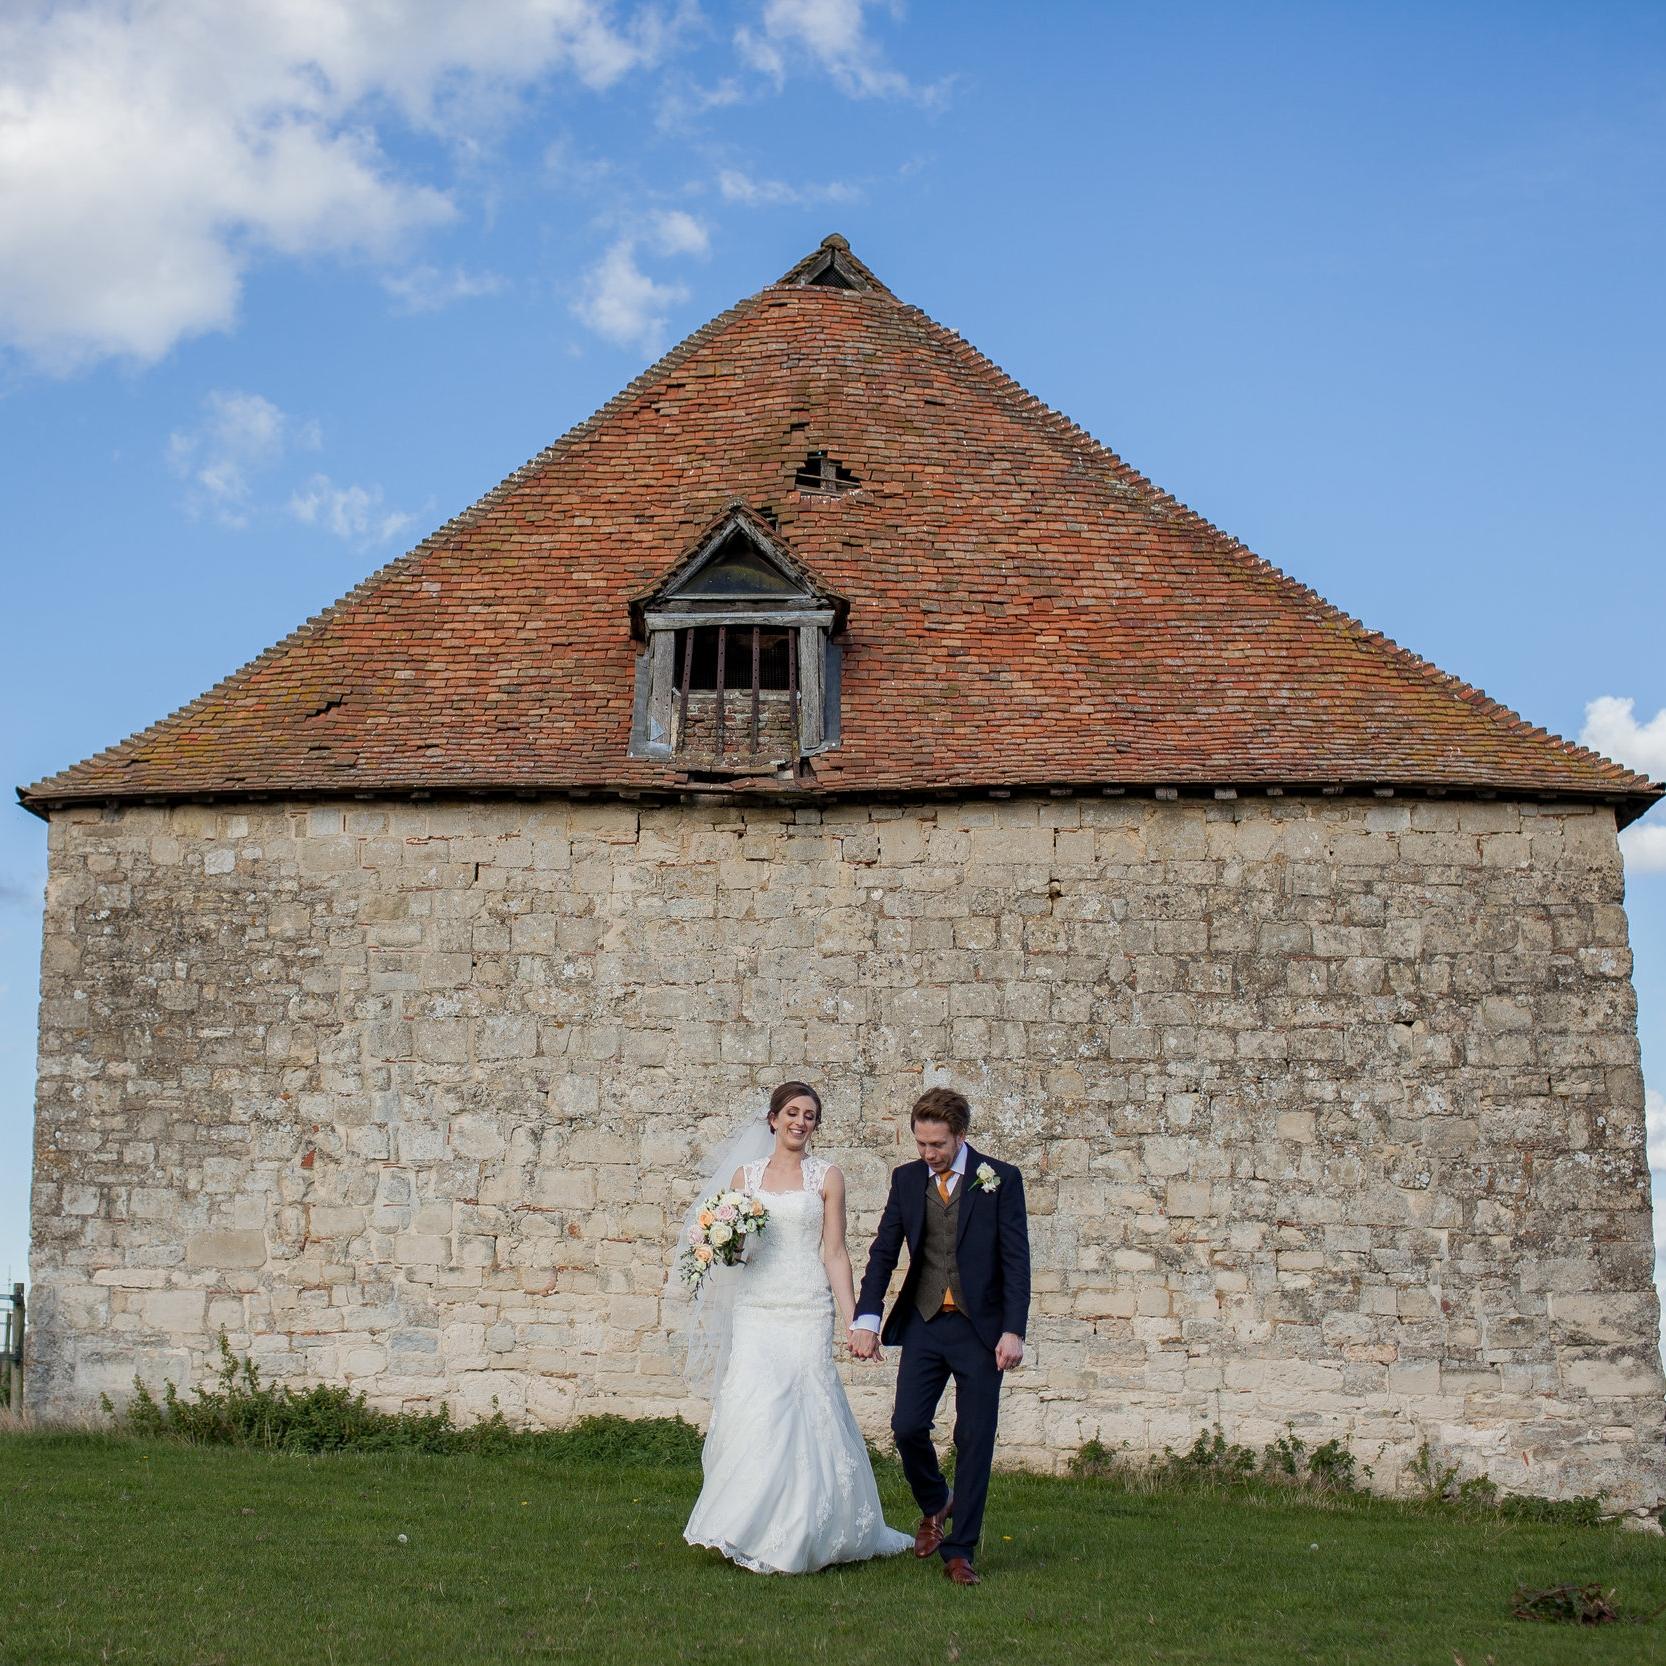 Emily & Mark - Notley Tythe Barn